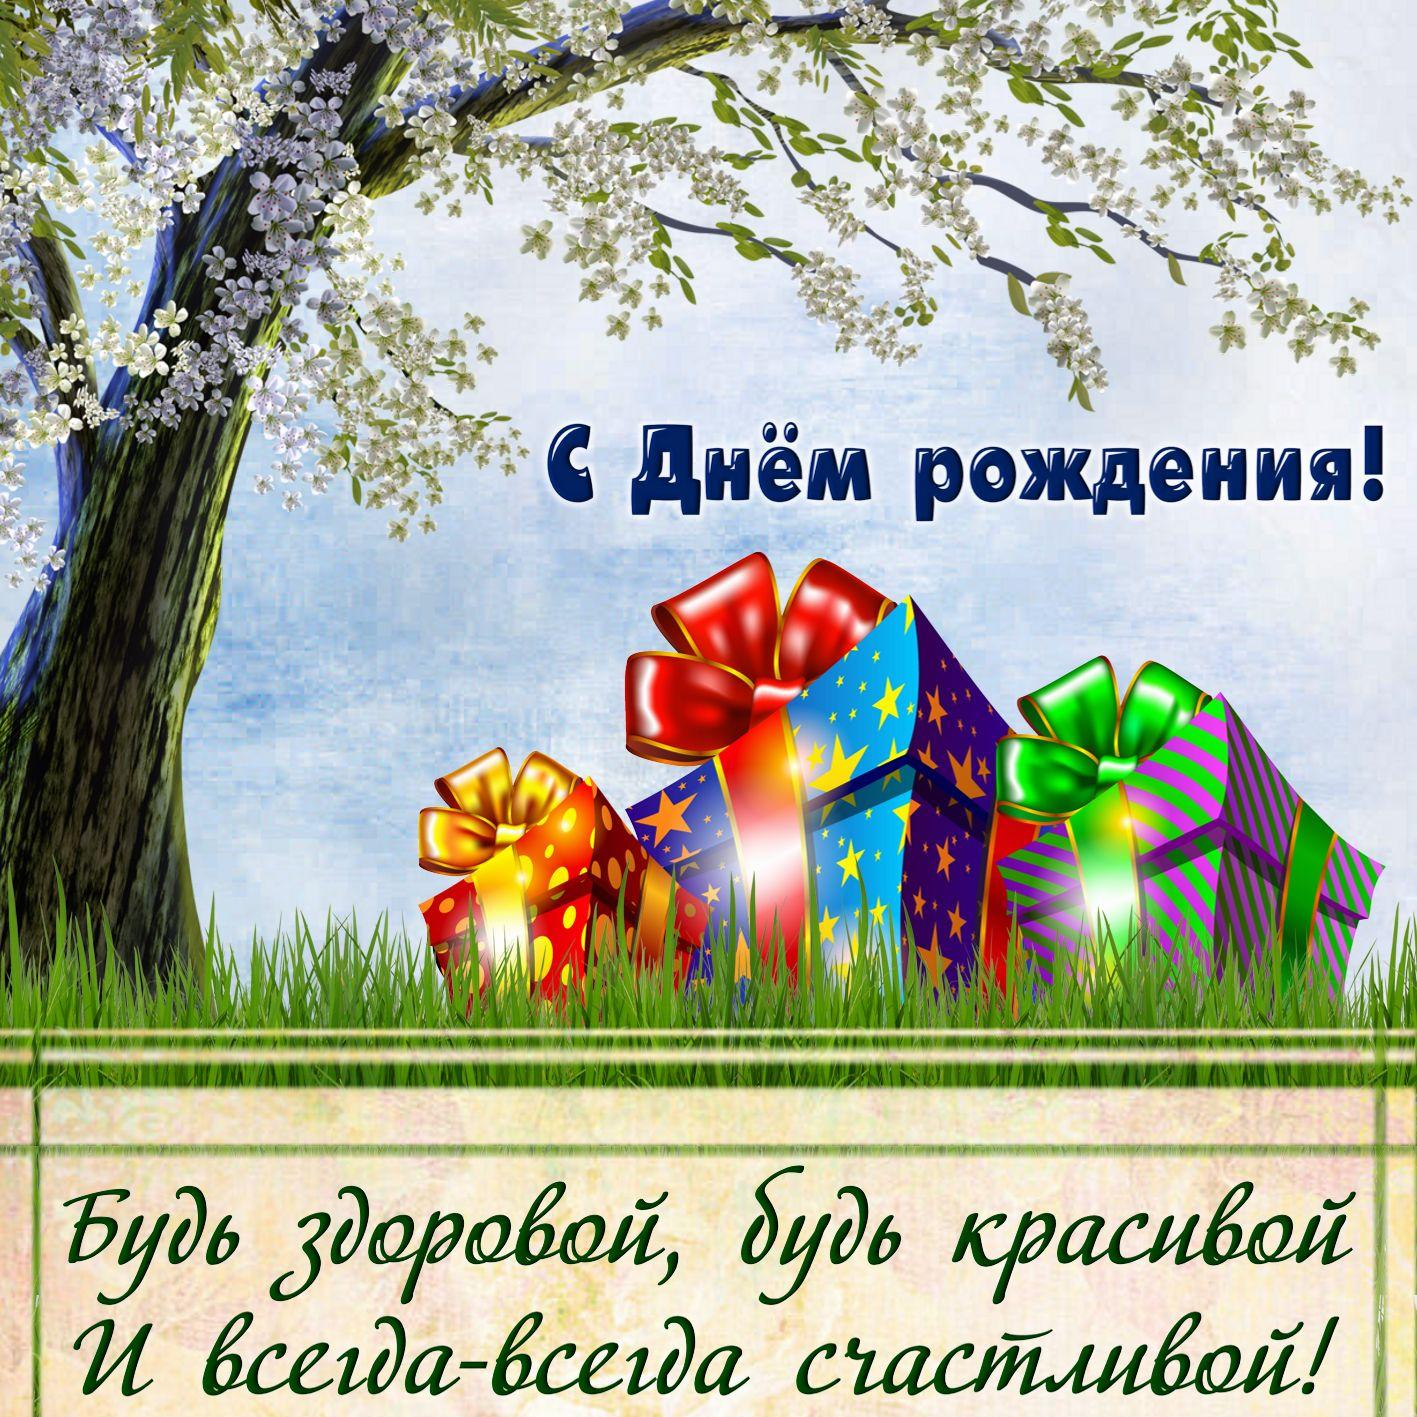 Женщине. Открытка с подарками на травке для женщины. С Днём рождения! Будь здоровой, будь красивой и всегда-всегда счастливой!